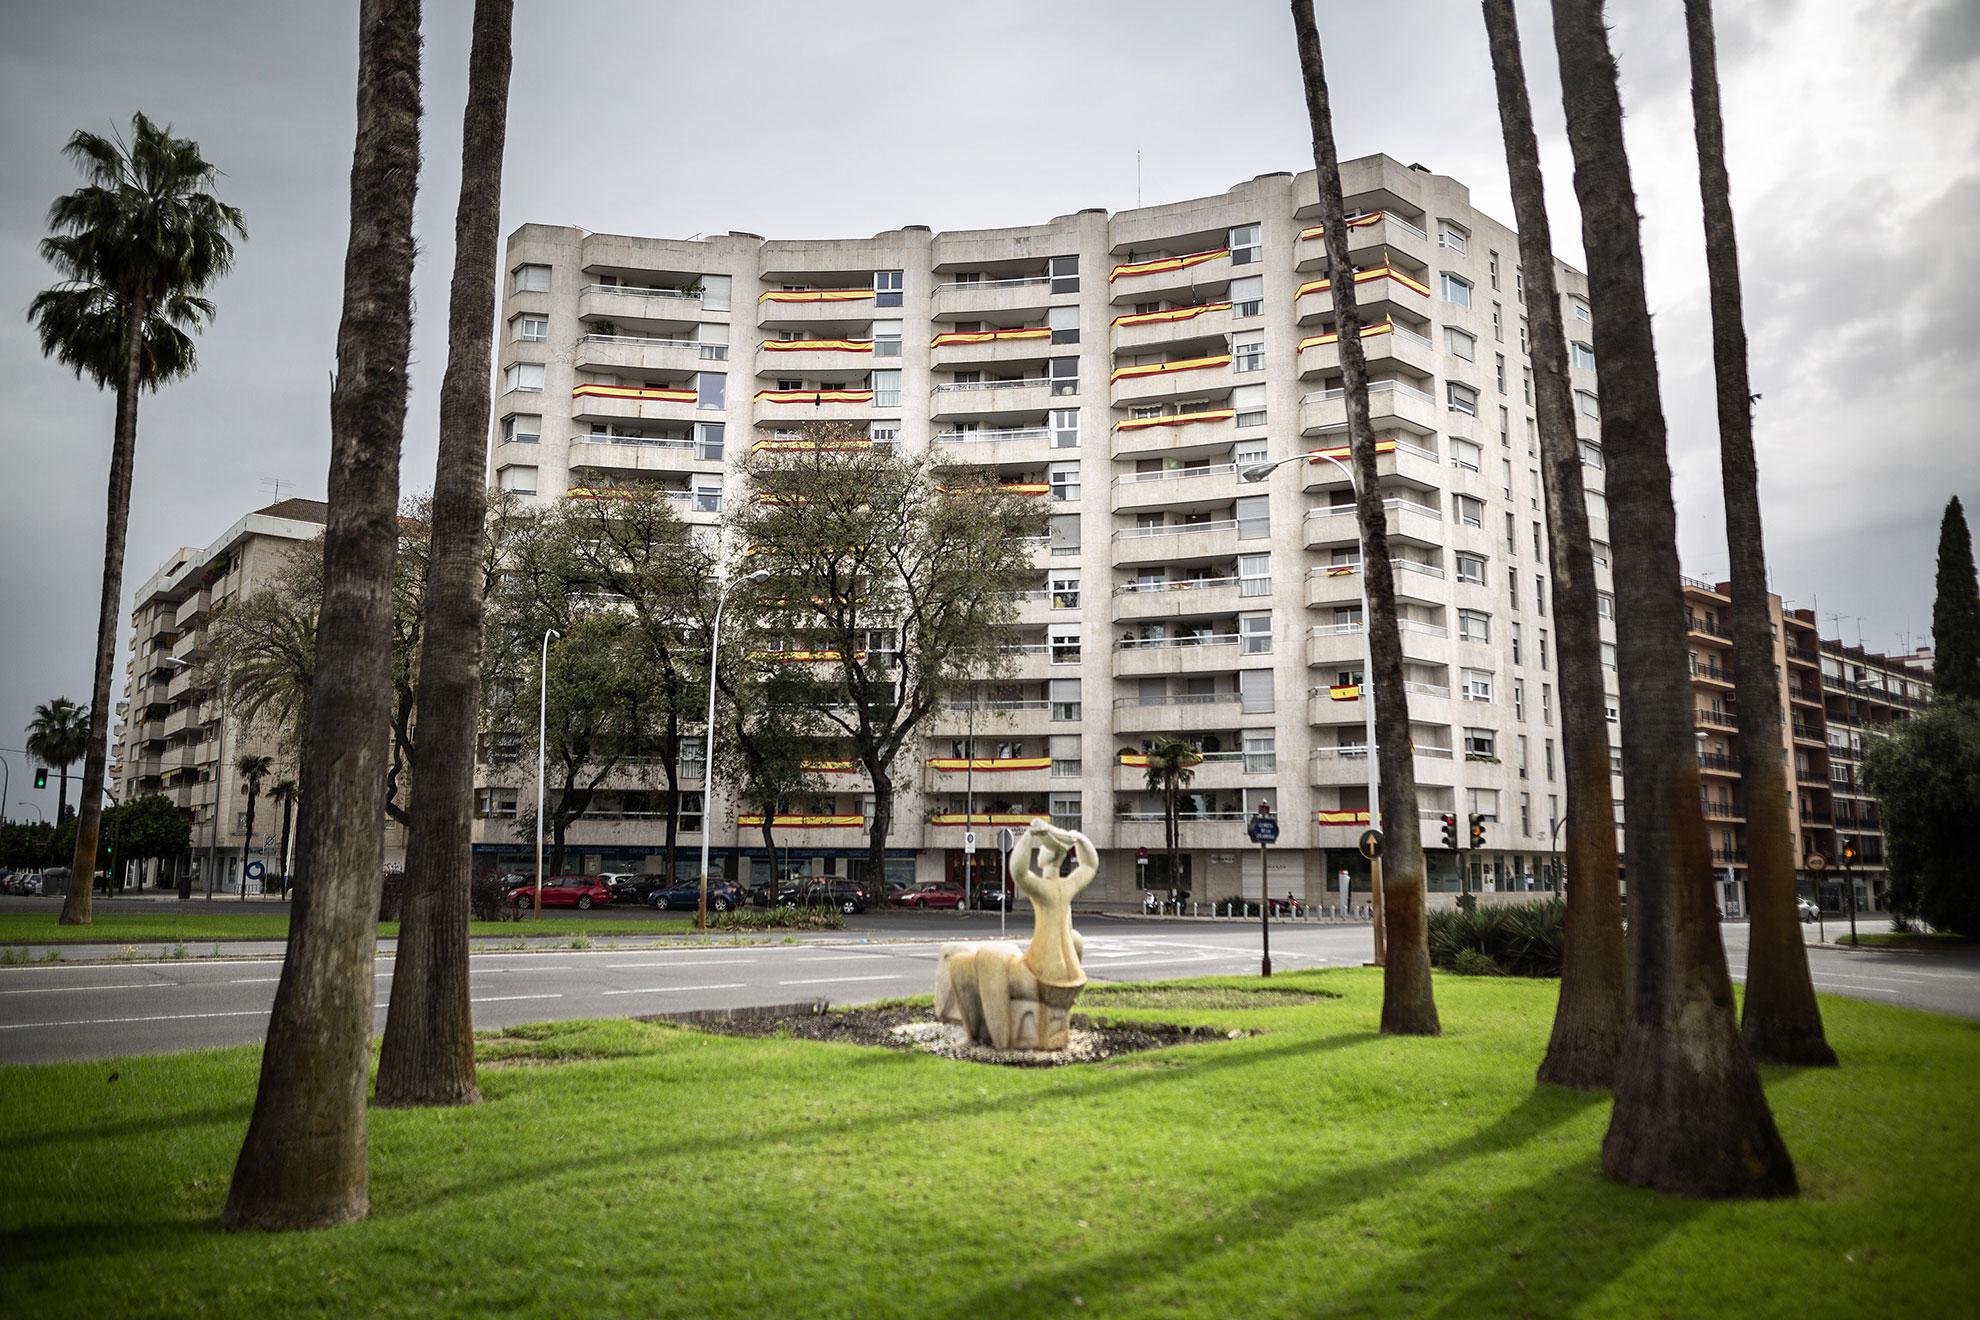 En pleno barrio de los Remedios, La Glorieta de las Cigarreras en Sevilla luce vacía en pleno confinamiento por el COVID19. Empiezan a llenarse, por toda la ciudad, balcones y ventanas ataviados con banderas de España portando crespones negros en señal de duelo por las personas fallecidas a causa del coronavirus. A día 25 de Abril, según datos facilitados por el Gobierno de España, al menos 22.902 personas han perdido la vida a causa de la pandemia en España.